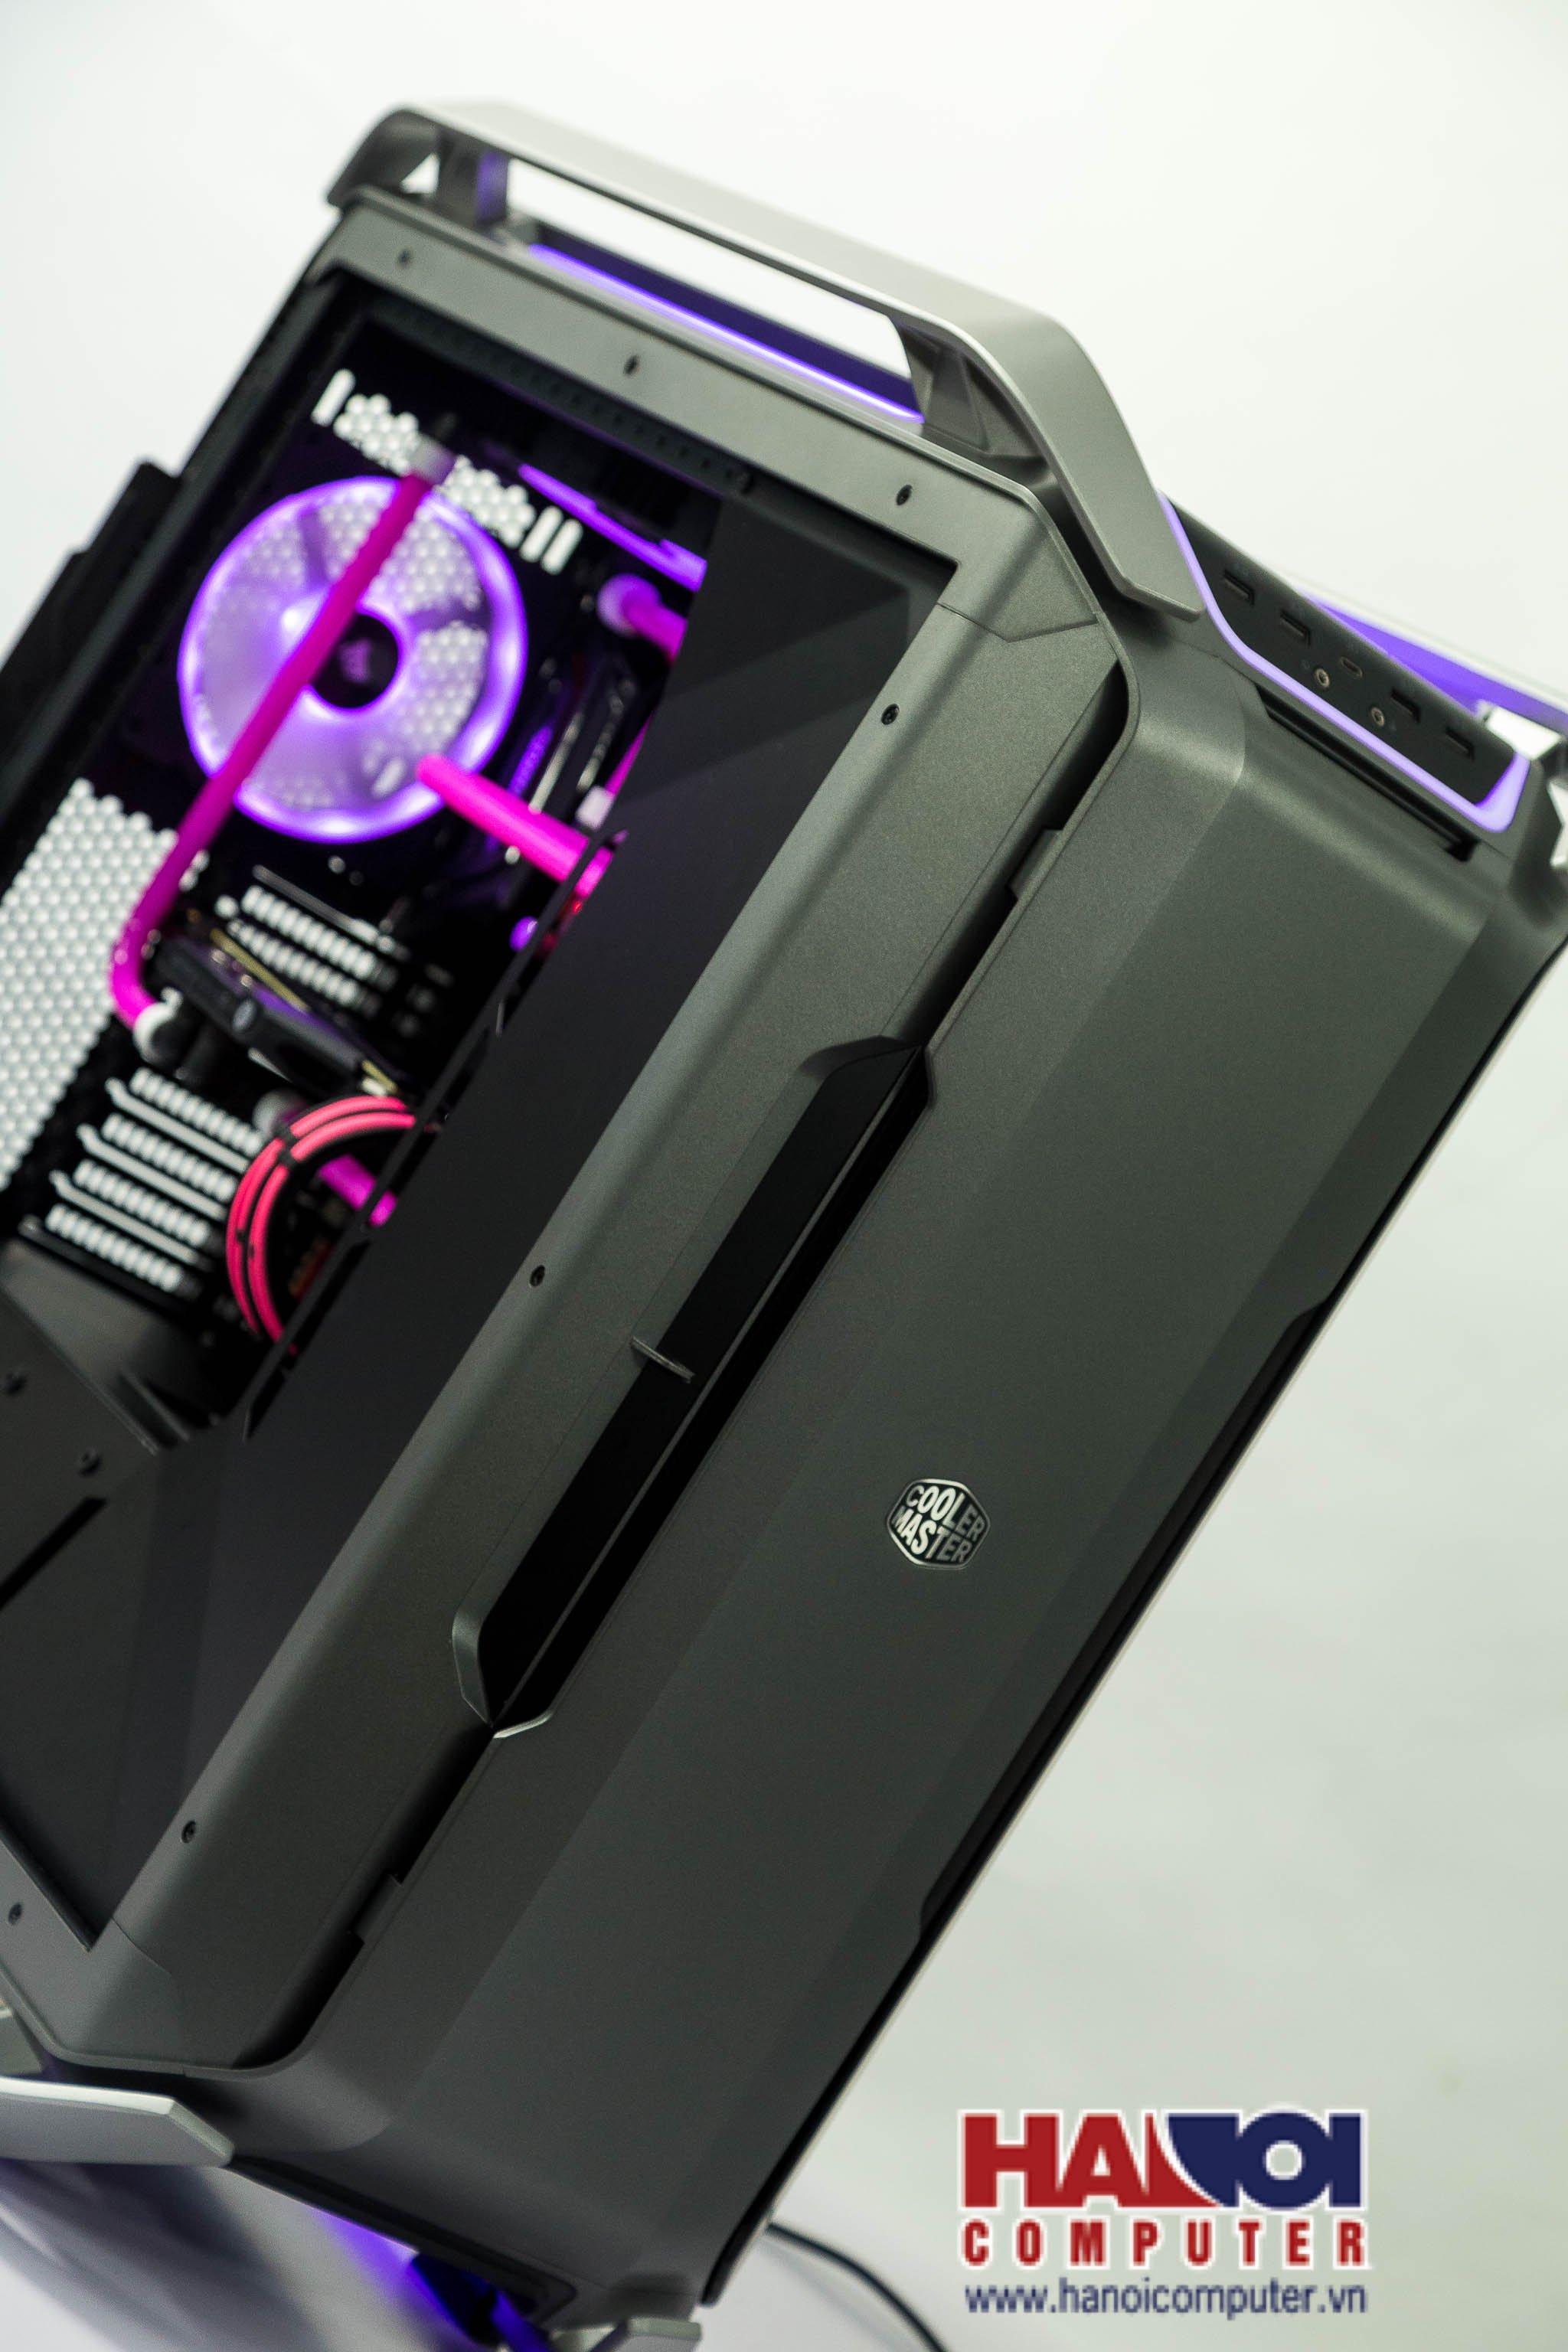 Modding PC CoolerMaster C700P HT-06